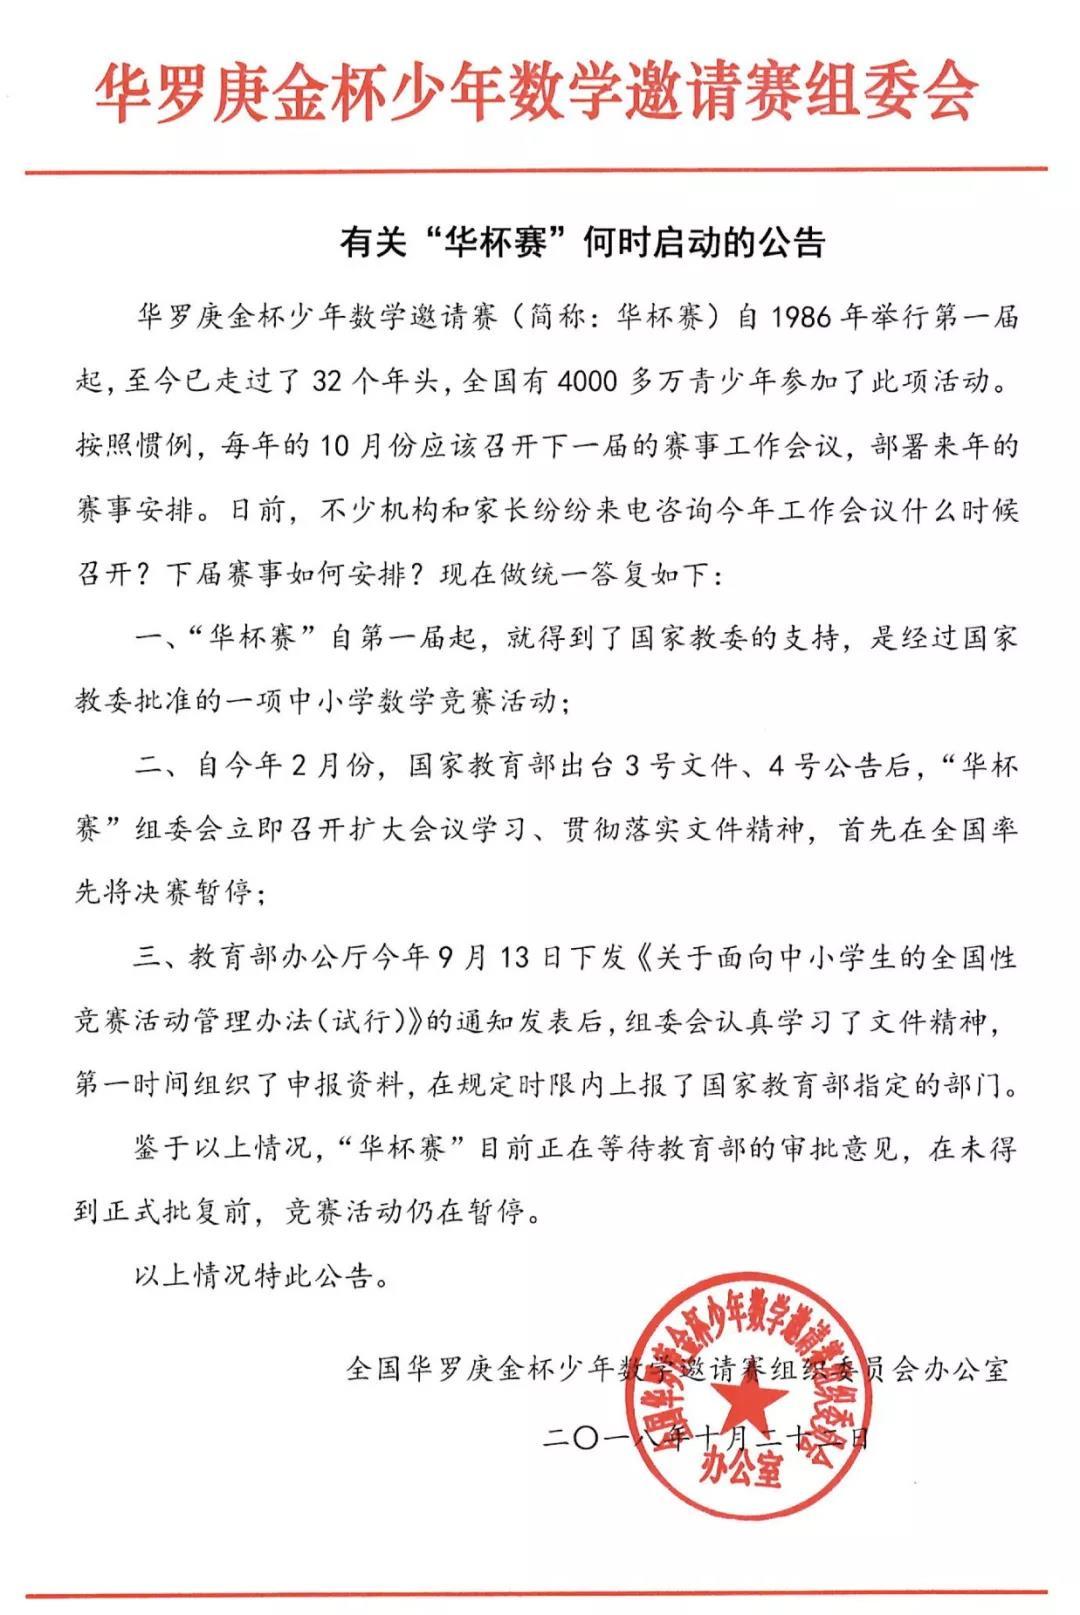 华杯赛组委会:竞赛仍然暂停